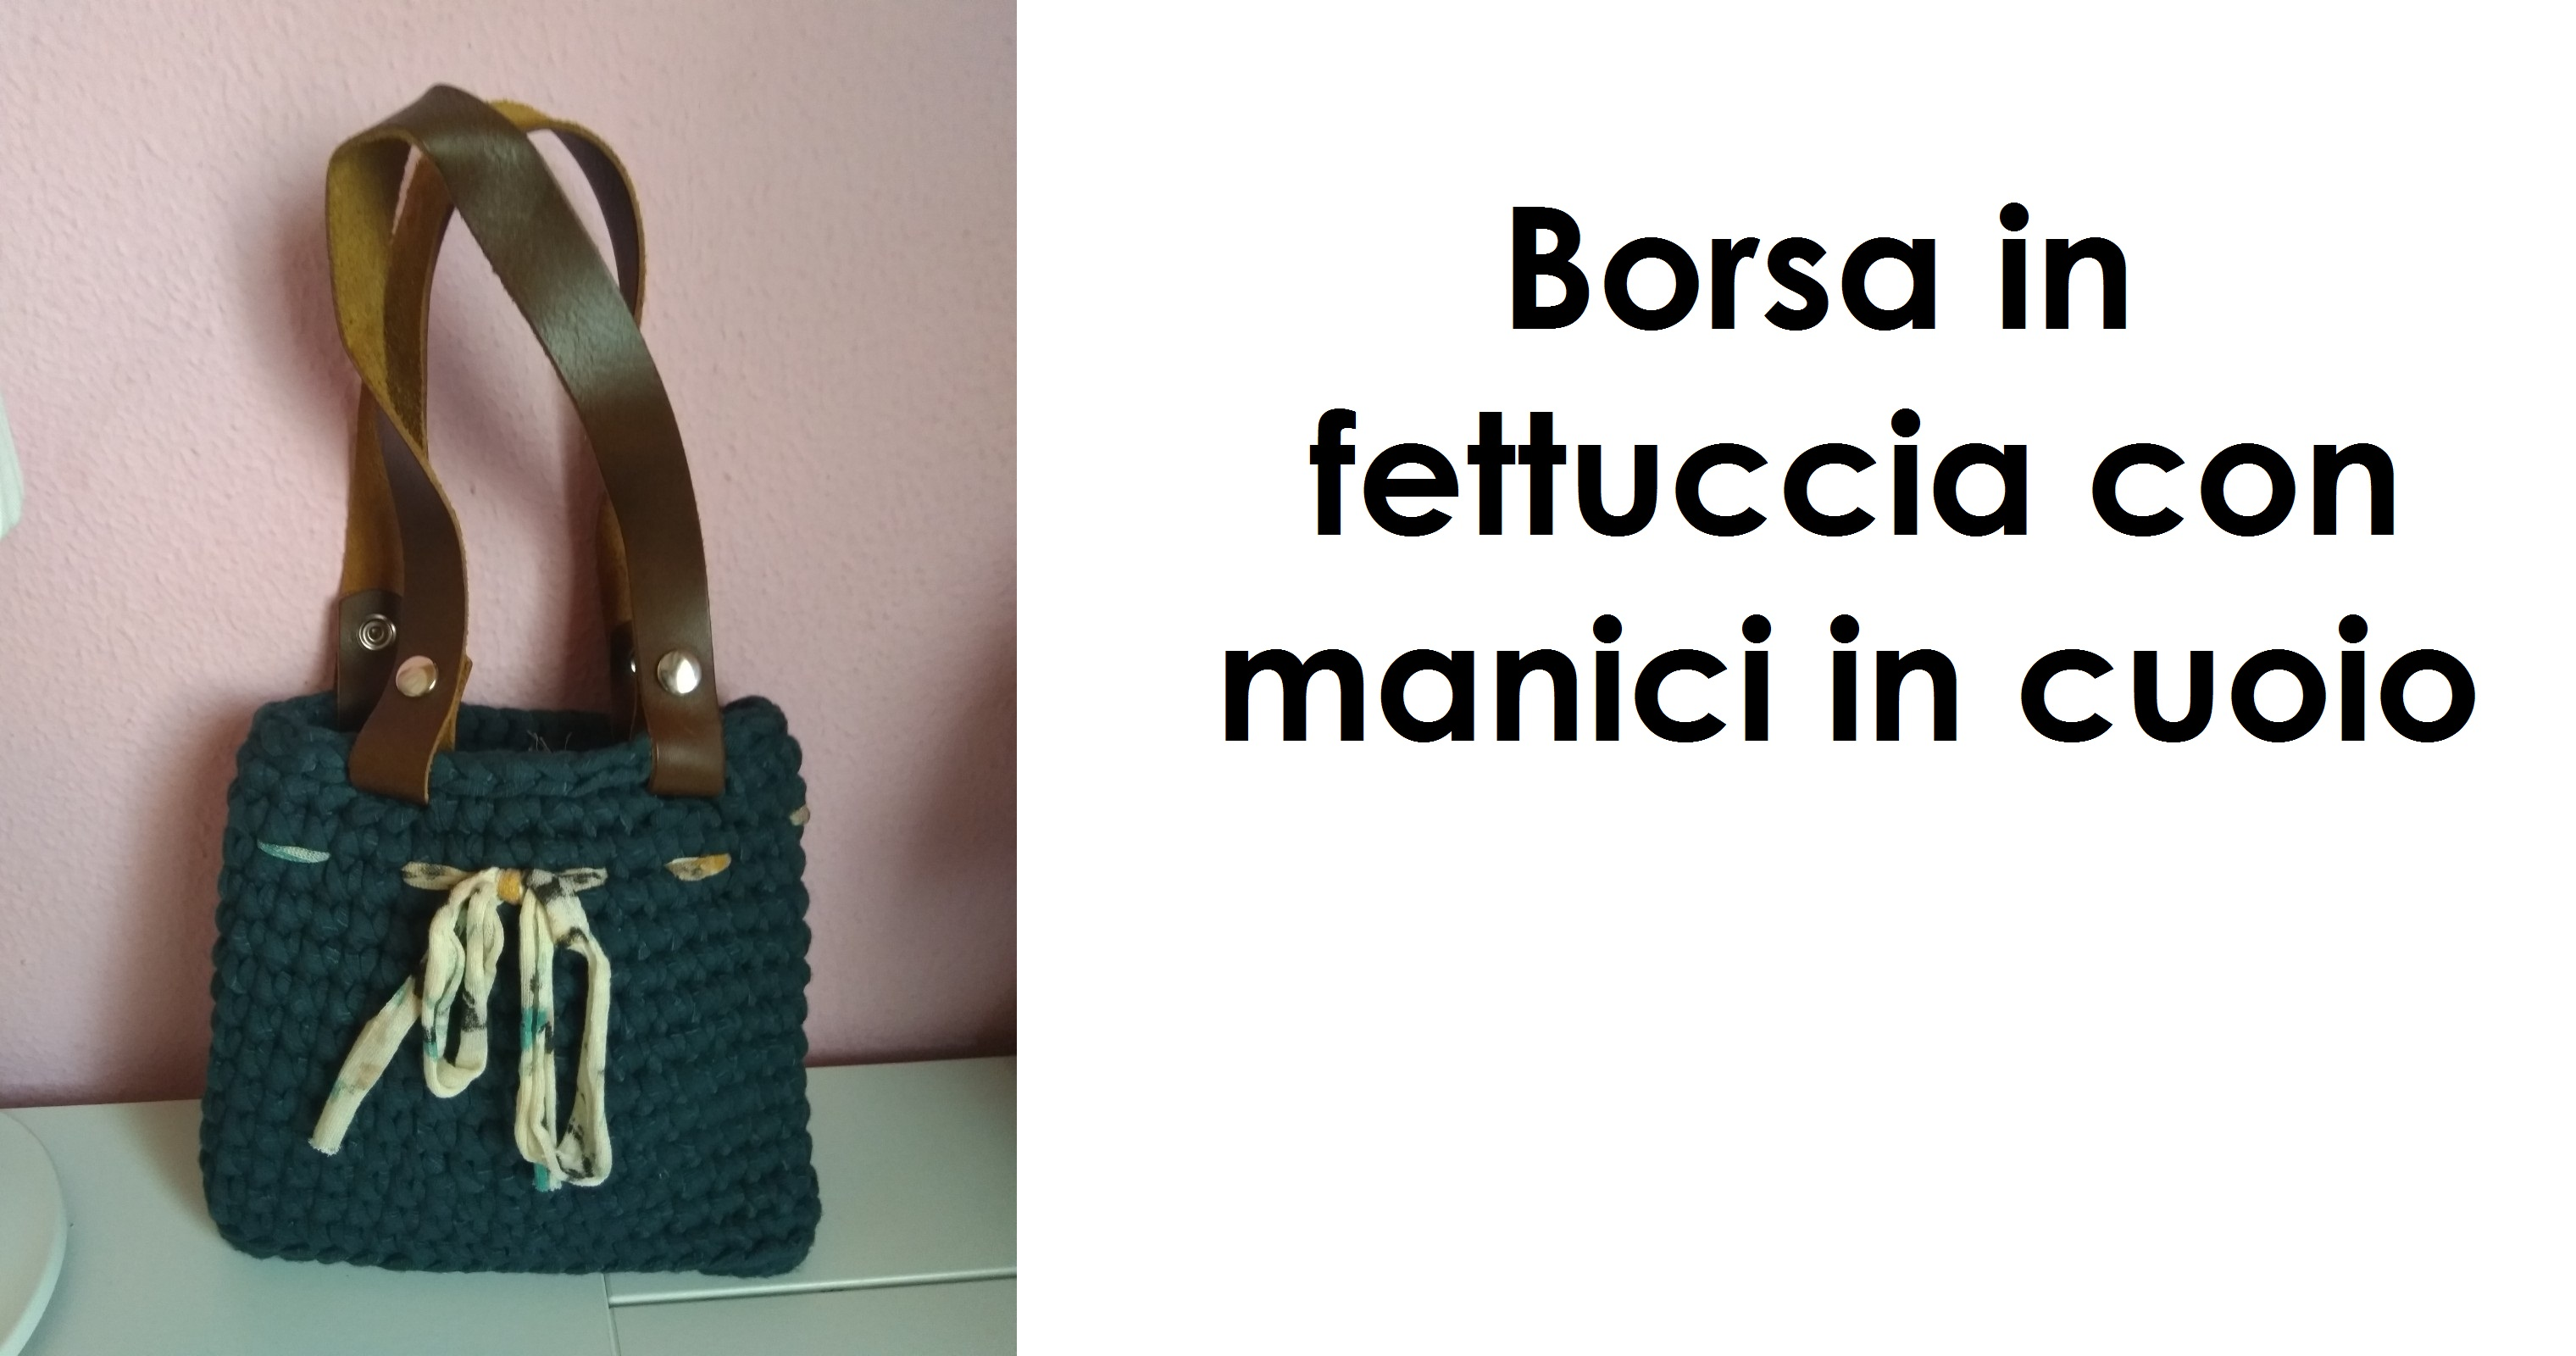 Borsa In Fettuccia Con Manici In Cuoio Le Arti Femminili